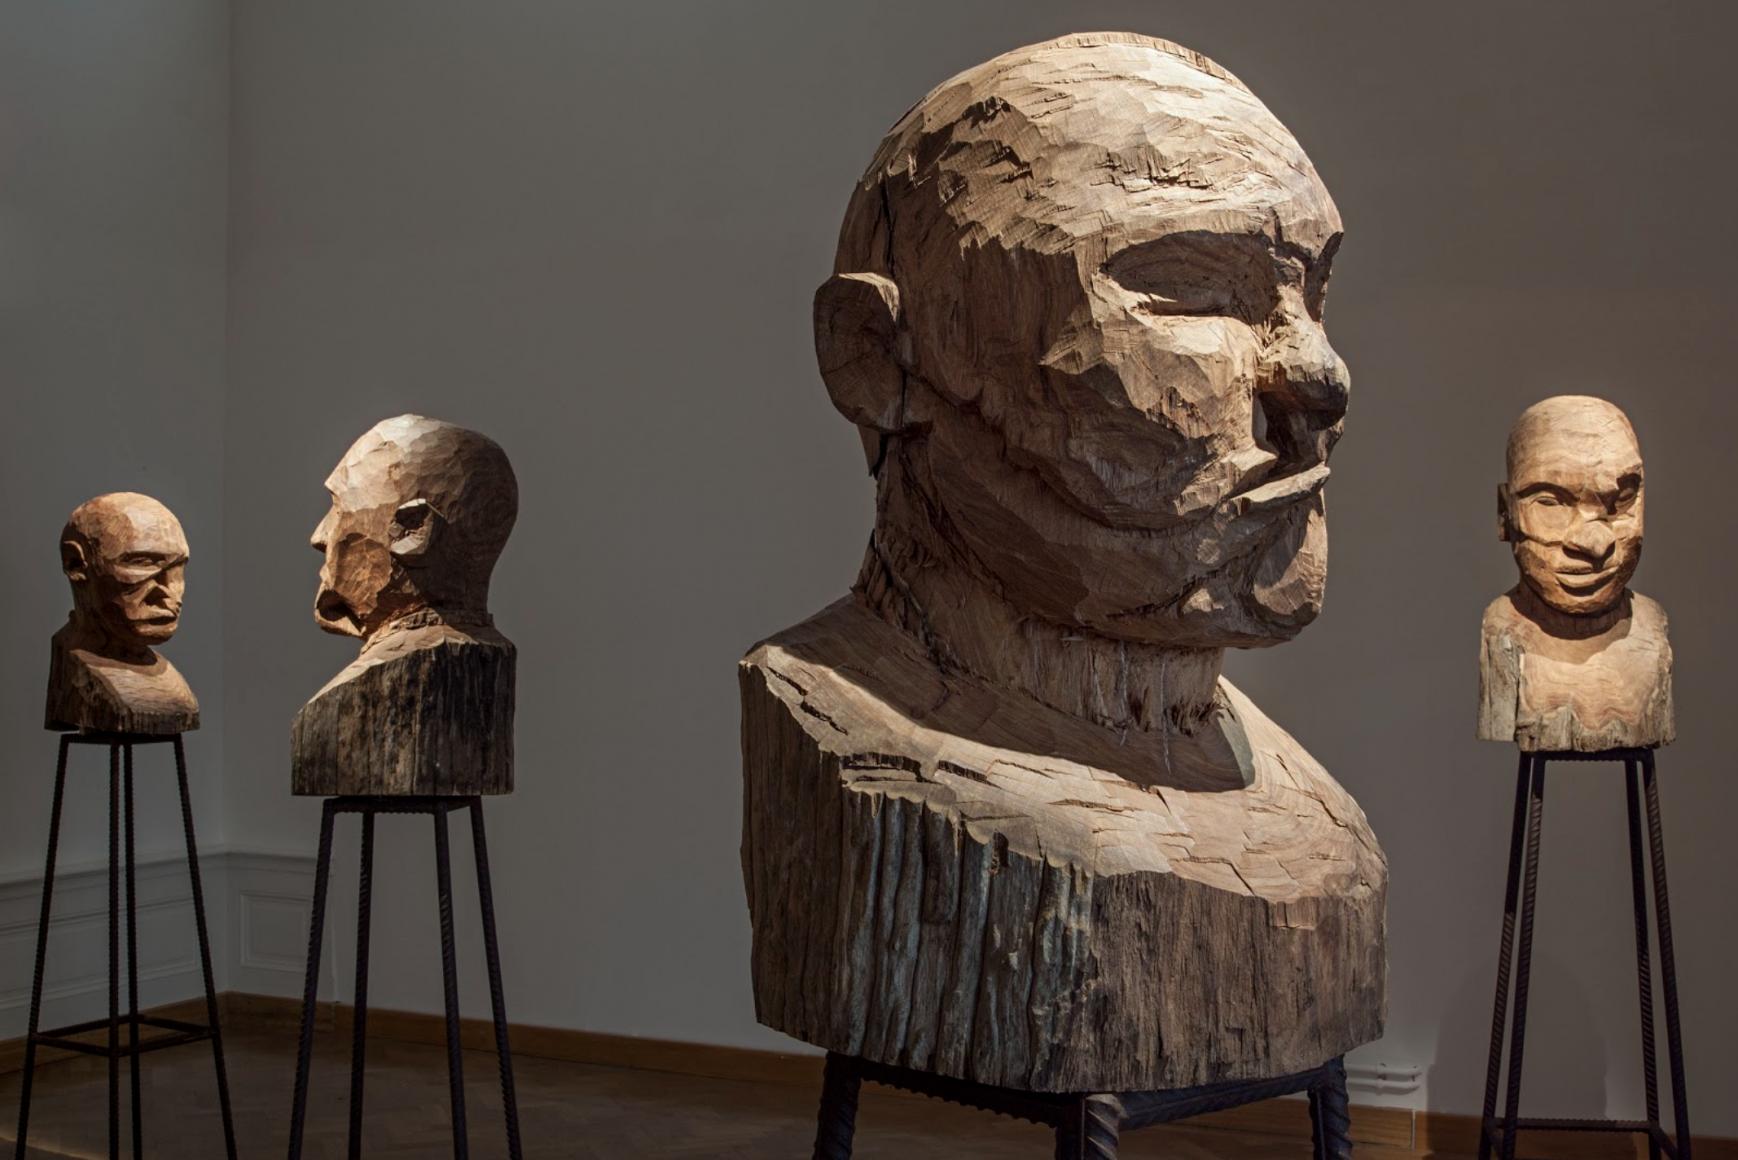 Kader Attia & Mirjam Varadinis, On Cultural Repair